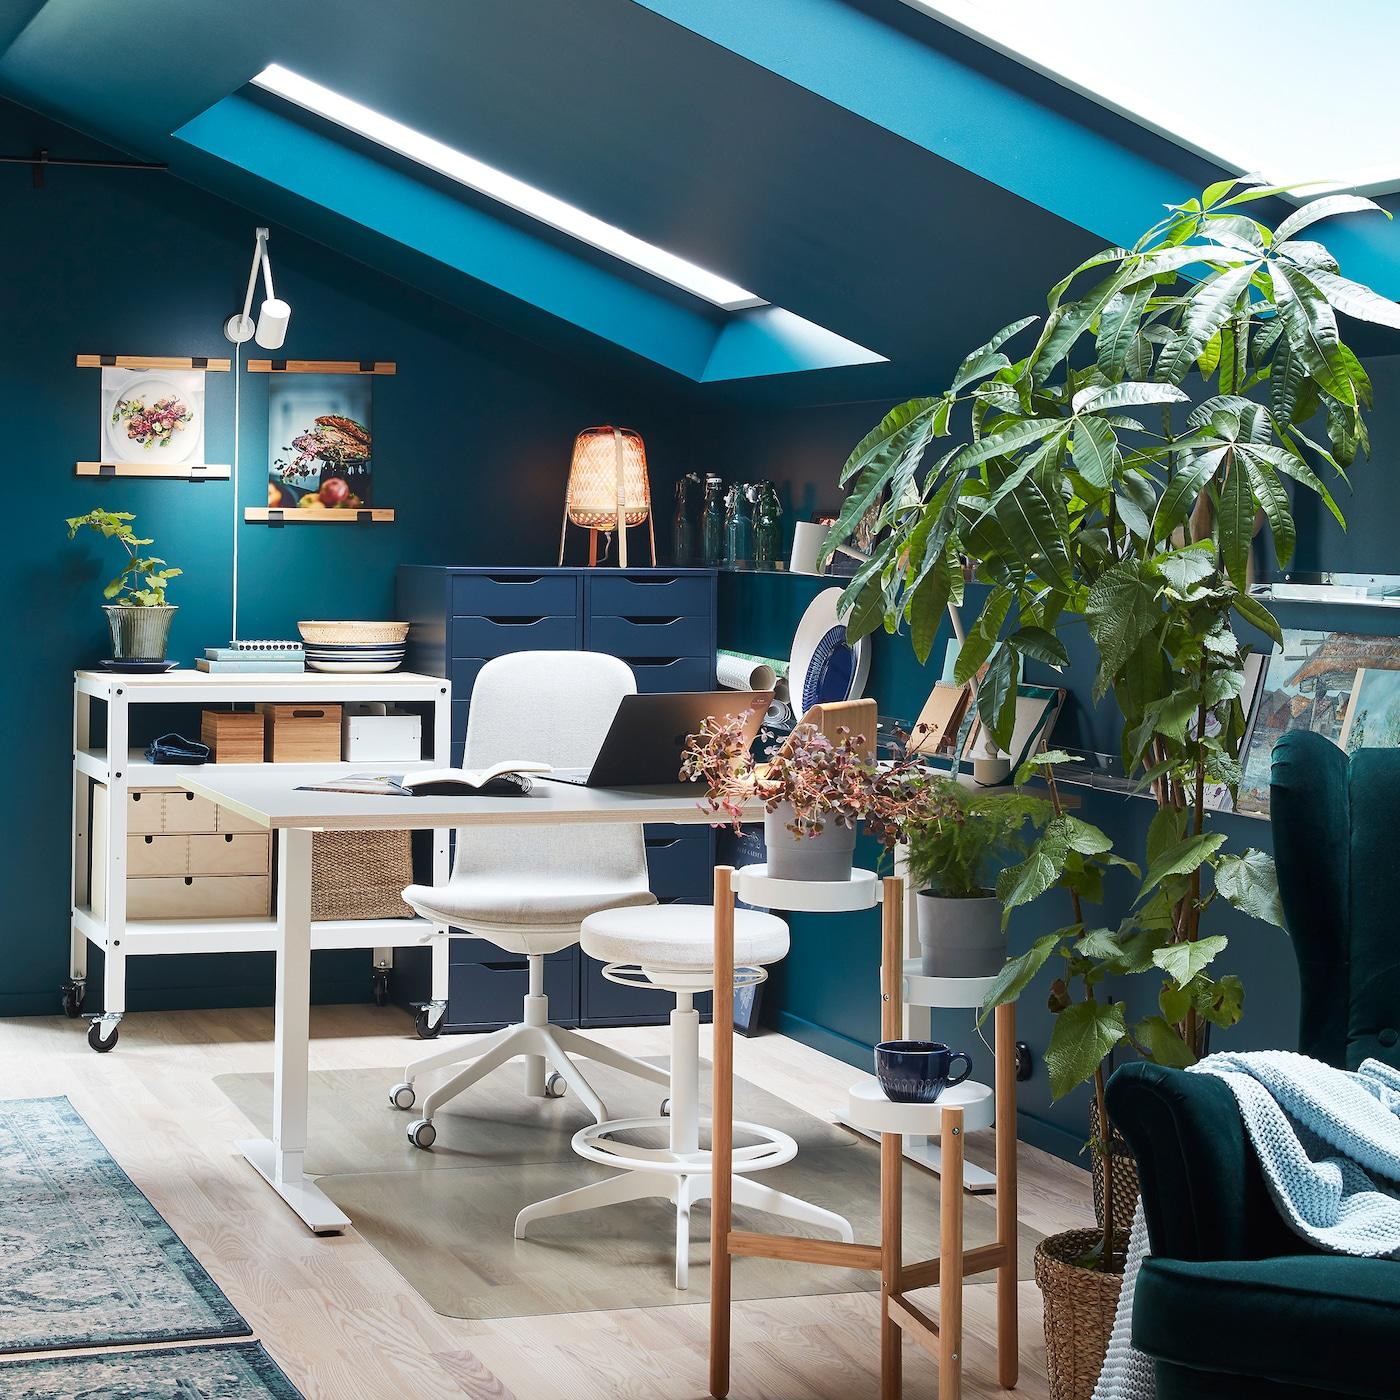 房间里摆放着书桌、白色转椅和椅凳、绿色植物和植物架,以及绿色靠背椅。